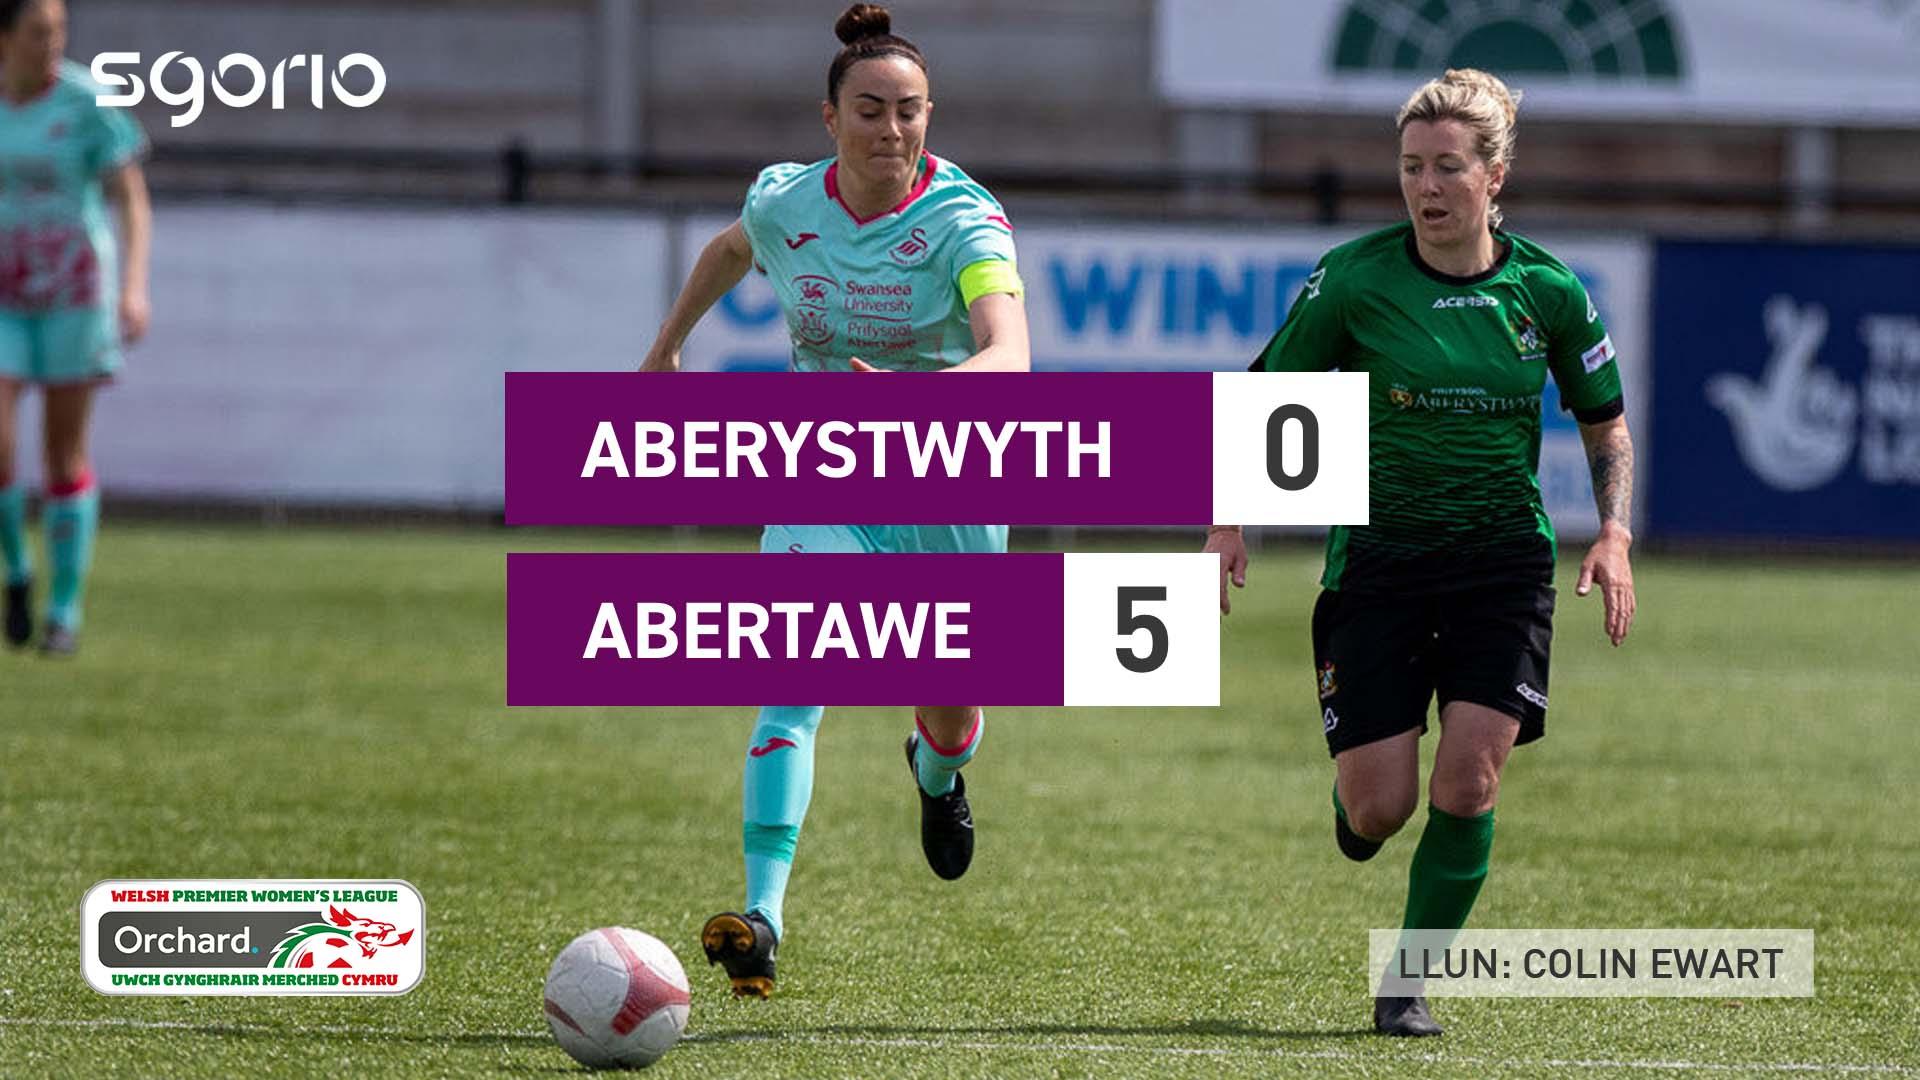 Merched Aberystwyth 0-5 Abertawe